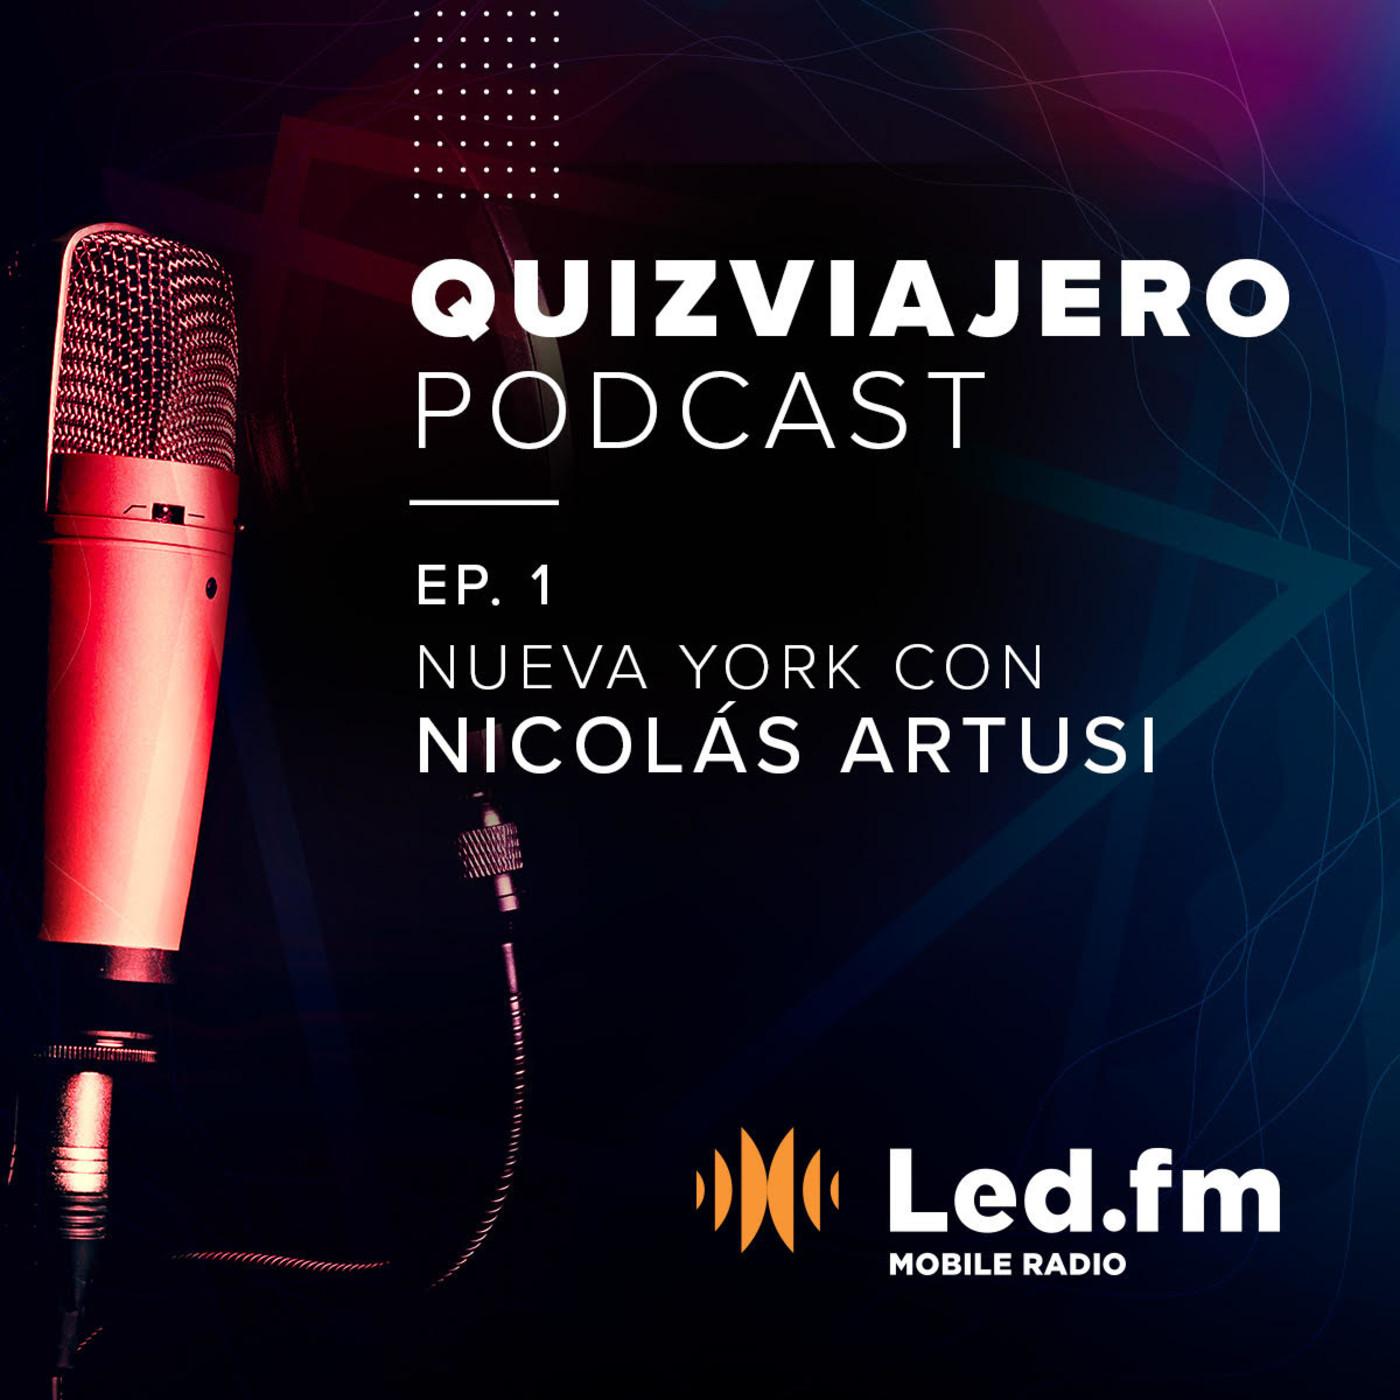 Quiz Viajero Podcast - Episodio 01: New York